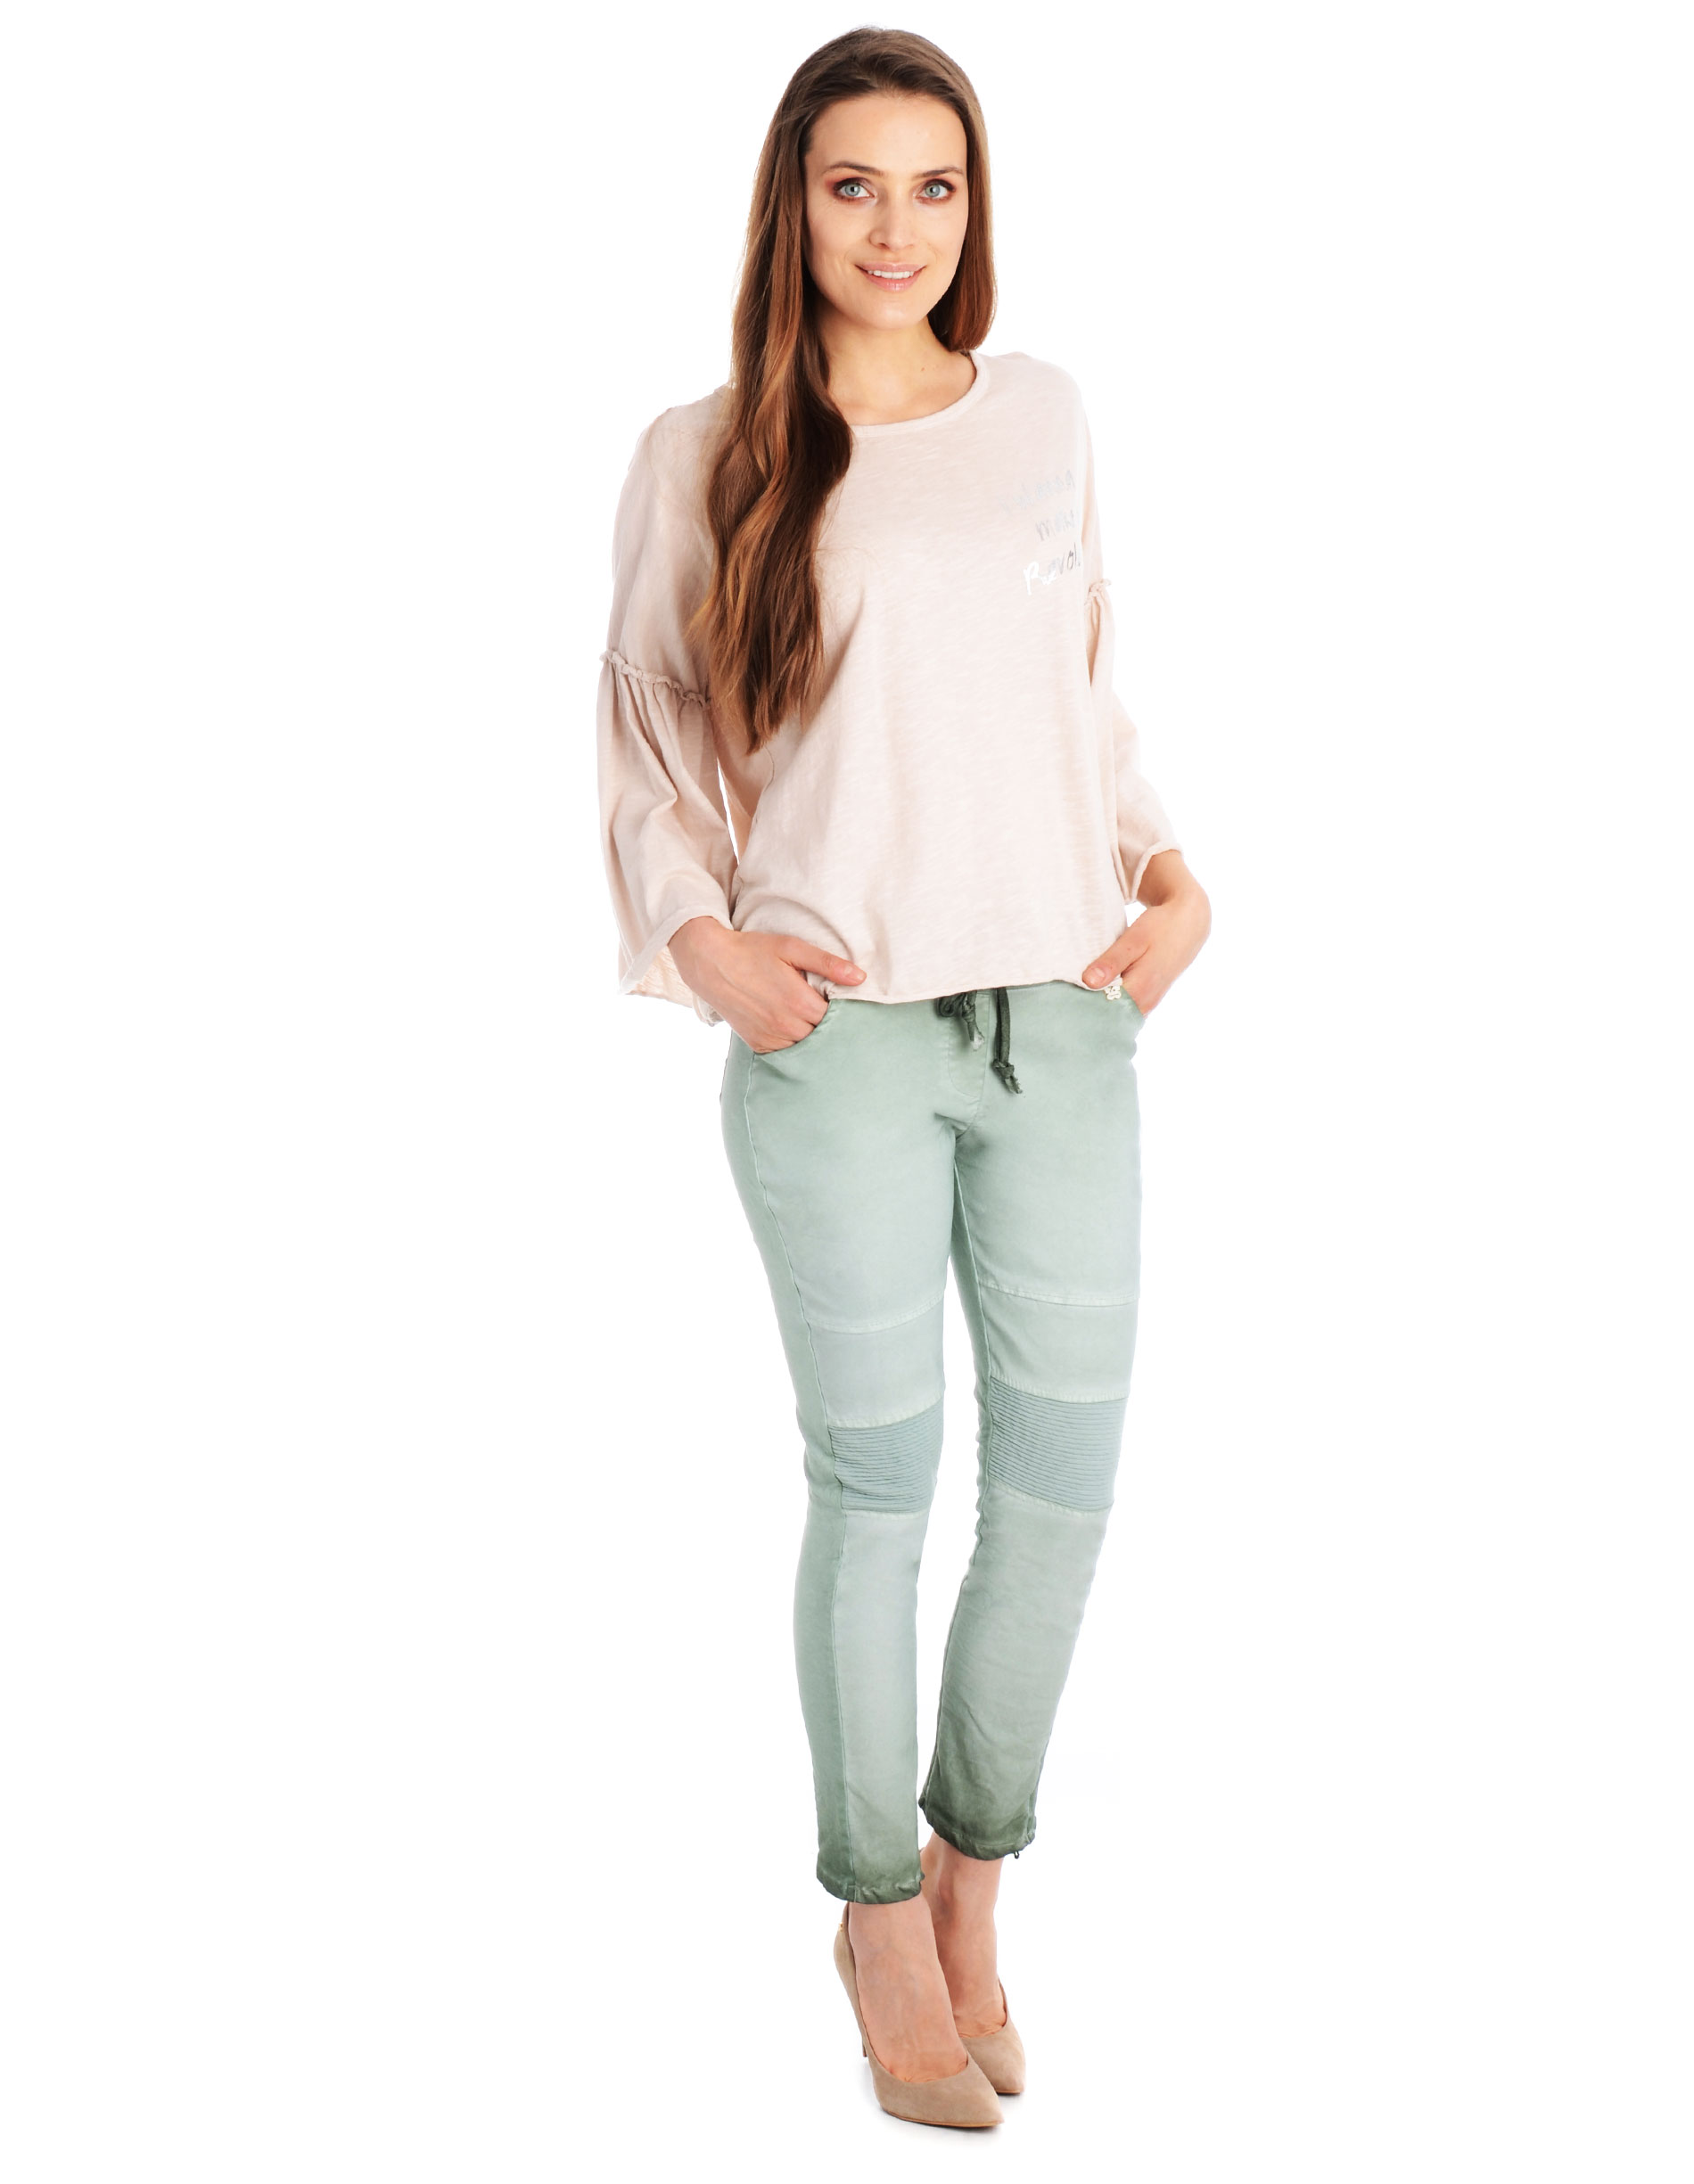 Spodnie - 54-5302 MILIT - Unisono